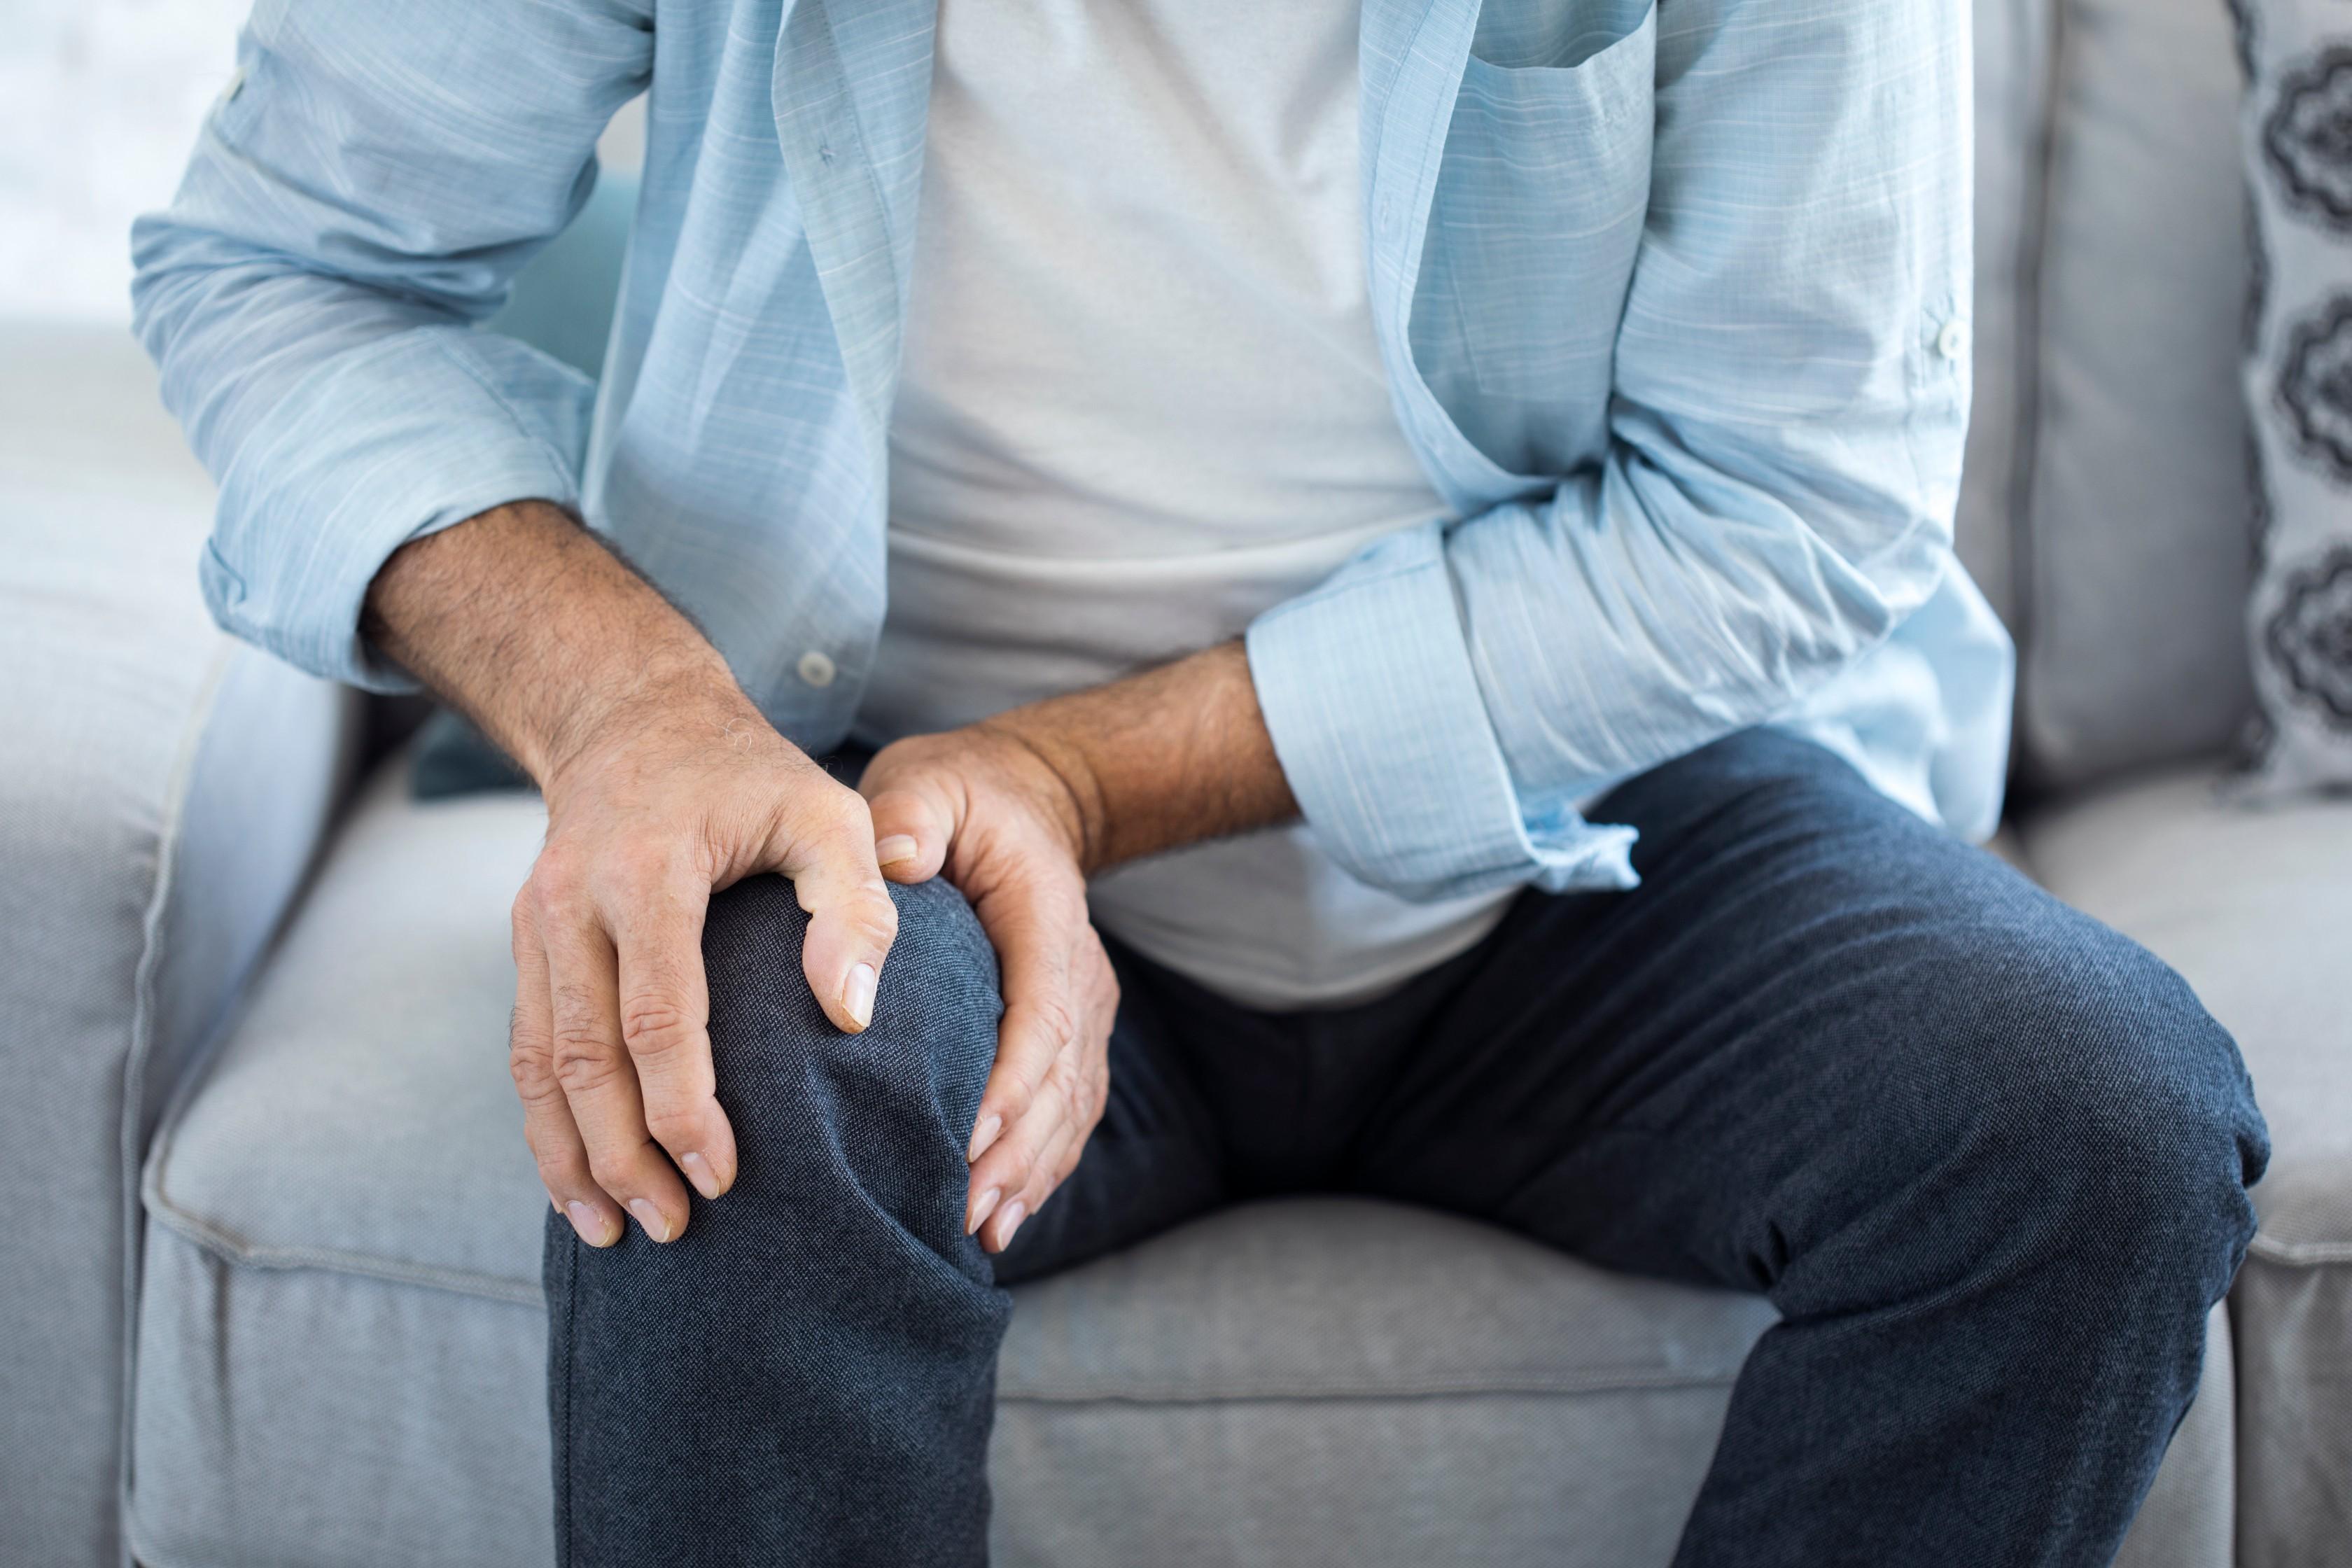 ízületi gyulladás enyhíti a fájdalmat a térdízület progresszív ízületi gyulladása